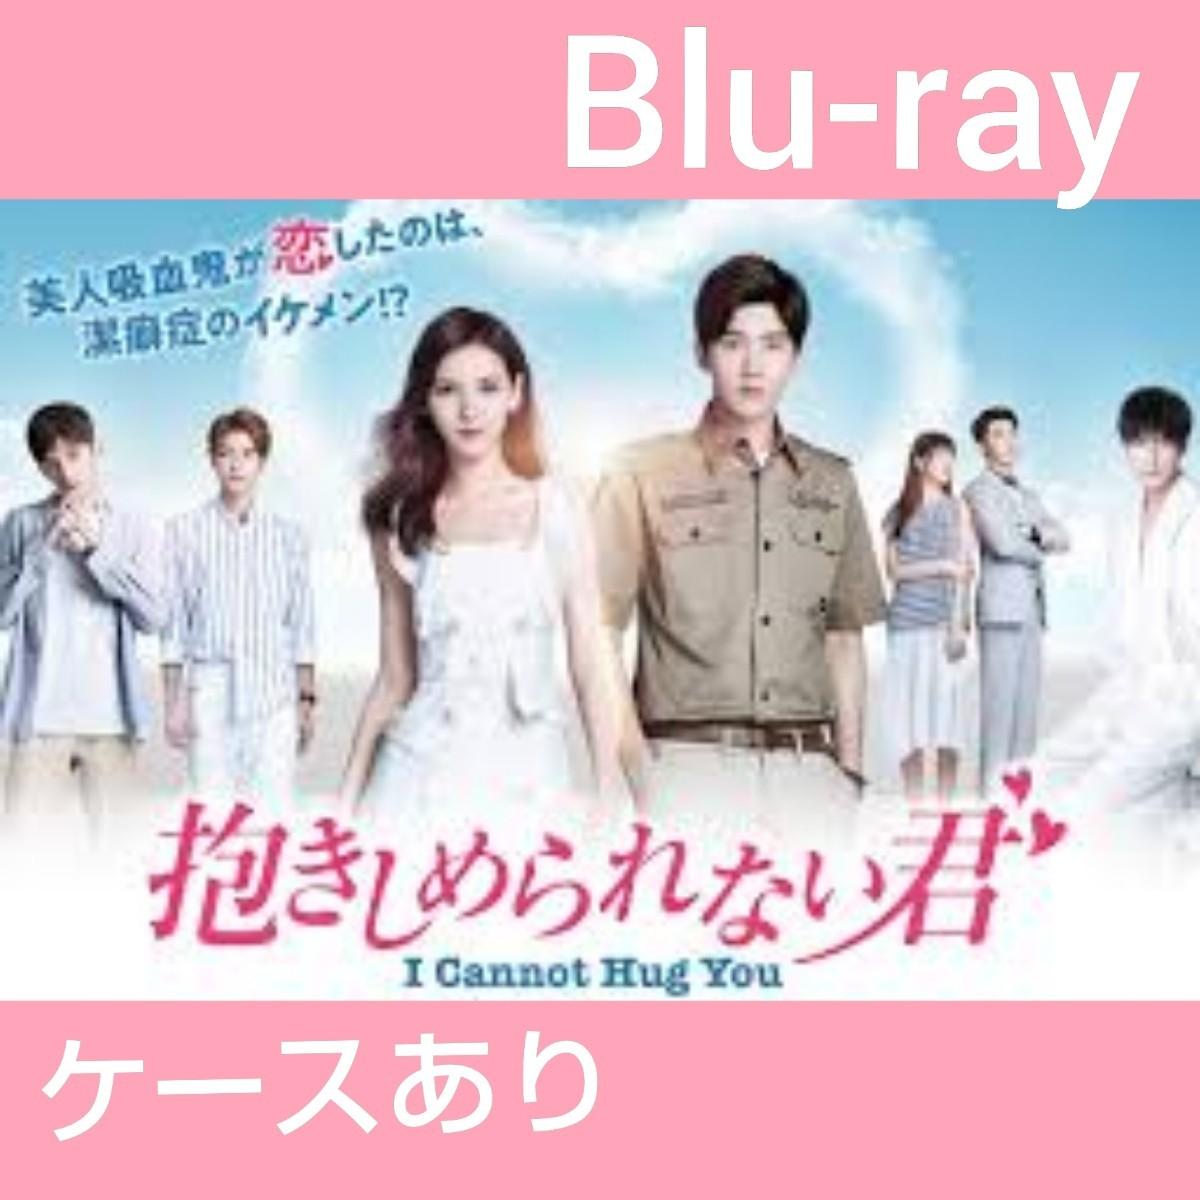 中国ドラマ 抱きしめられない君  全話 Blu-ray